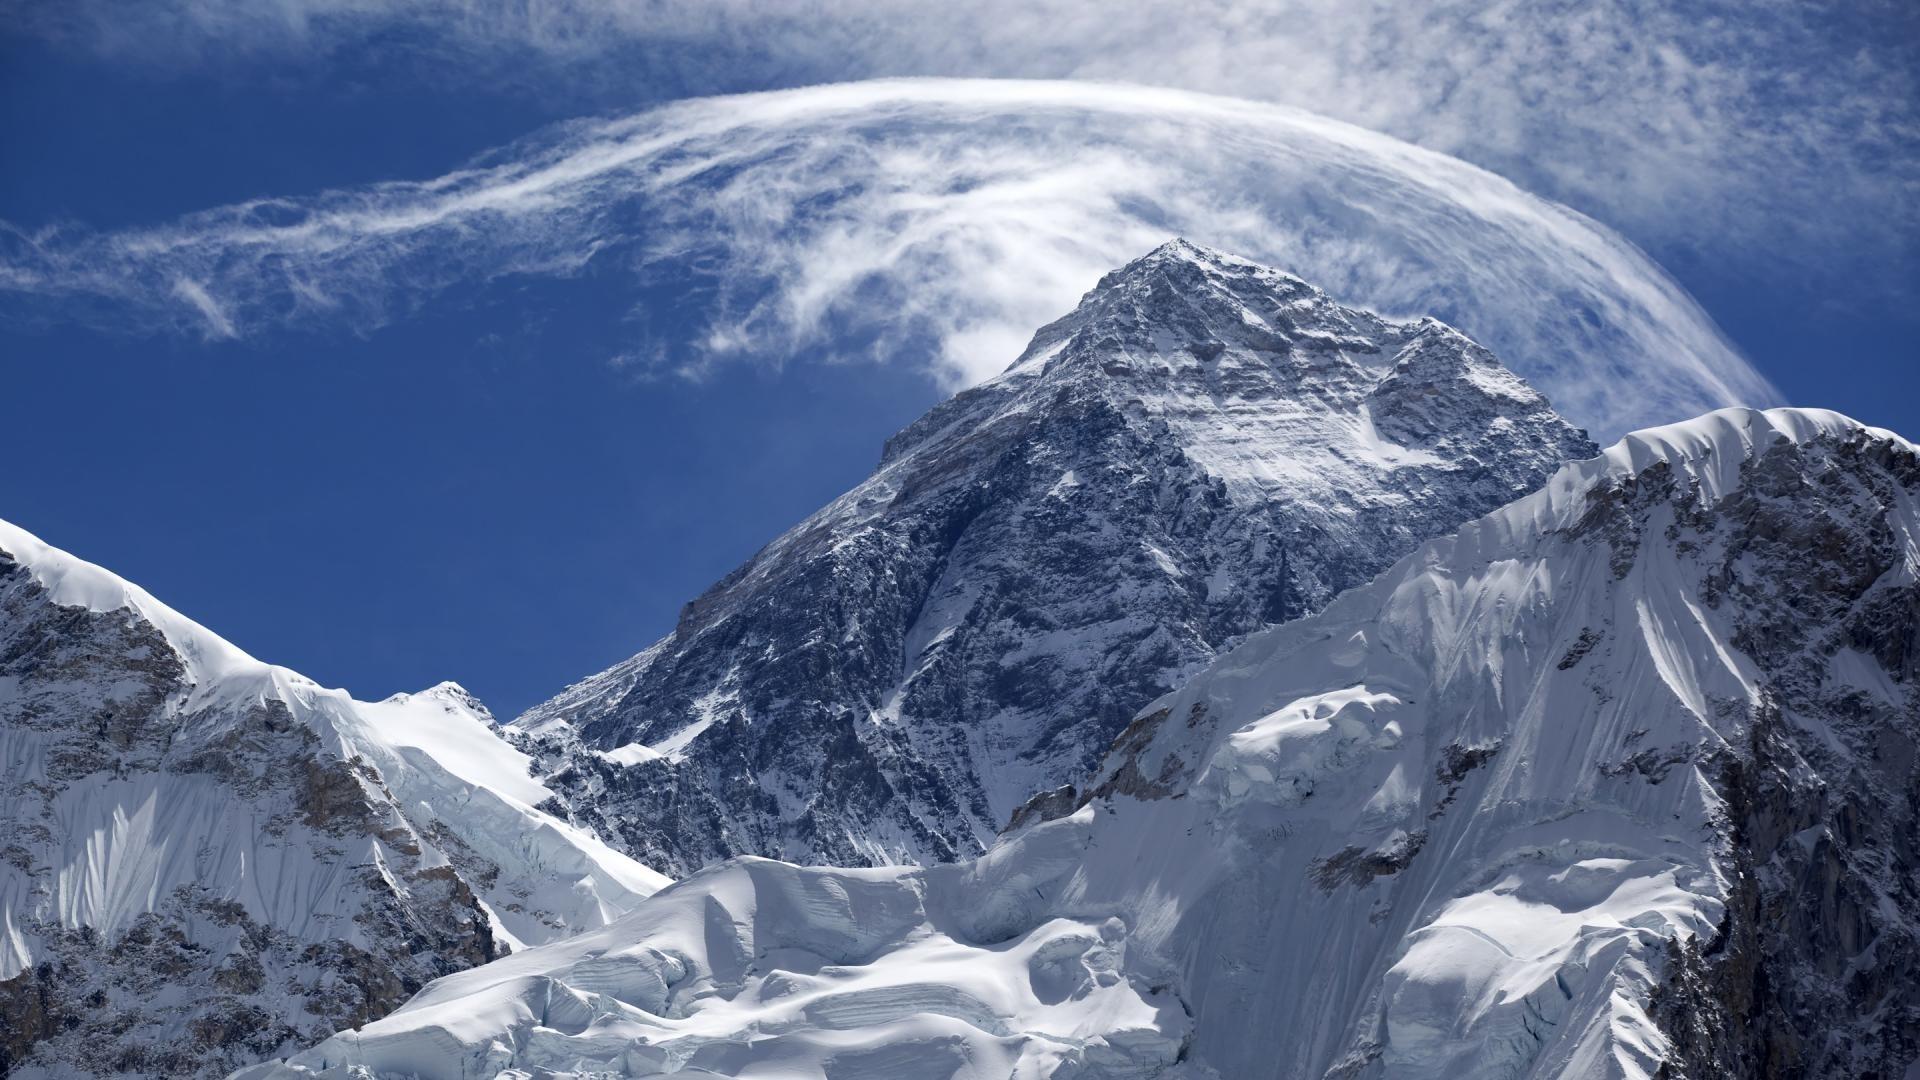 Everest Wallpaper theme